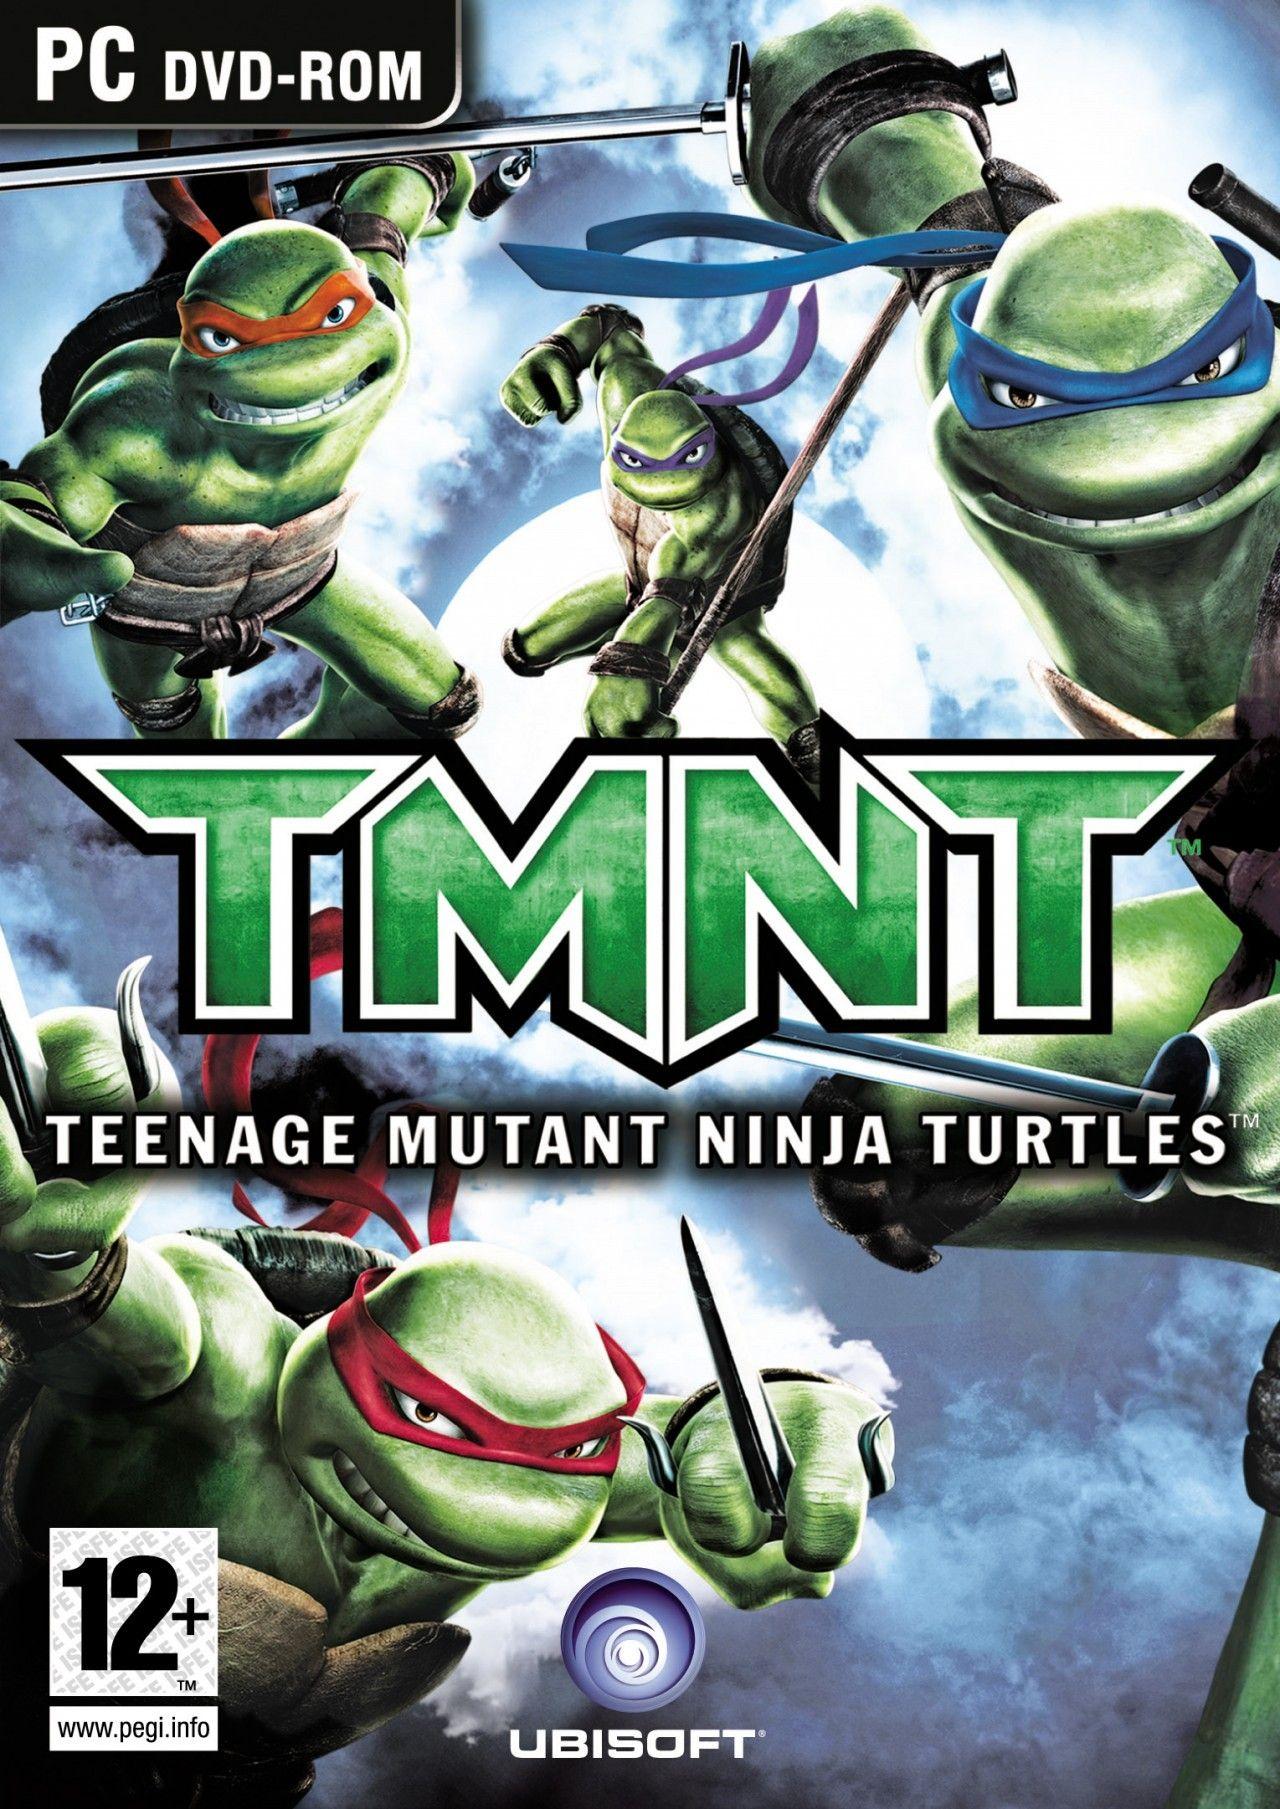 Teenage Mutant Ninja Turtles (PC) - 1